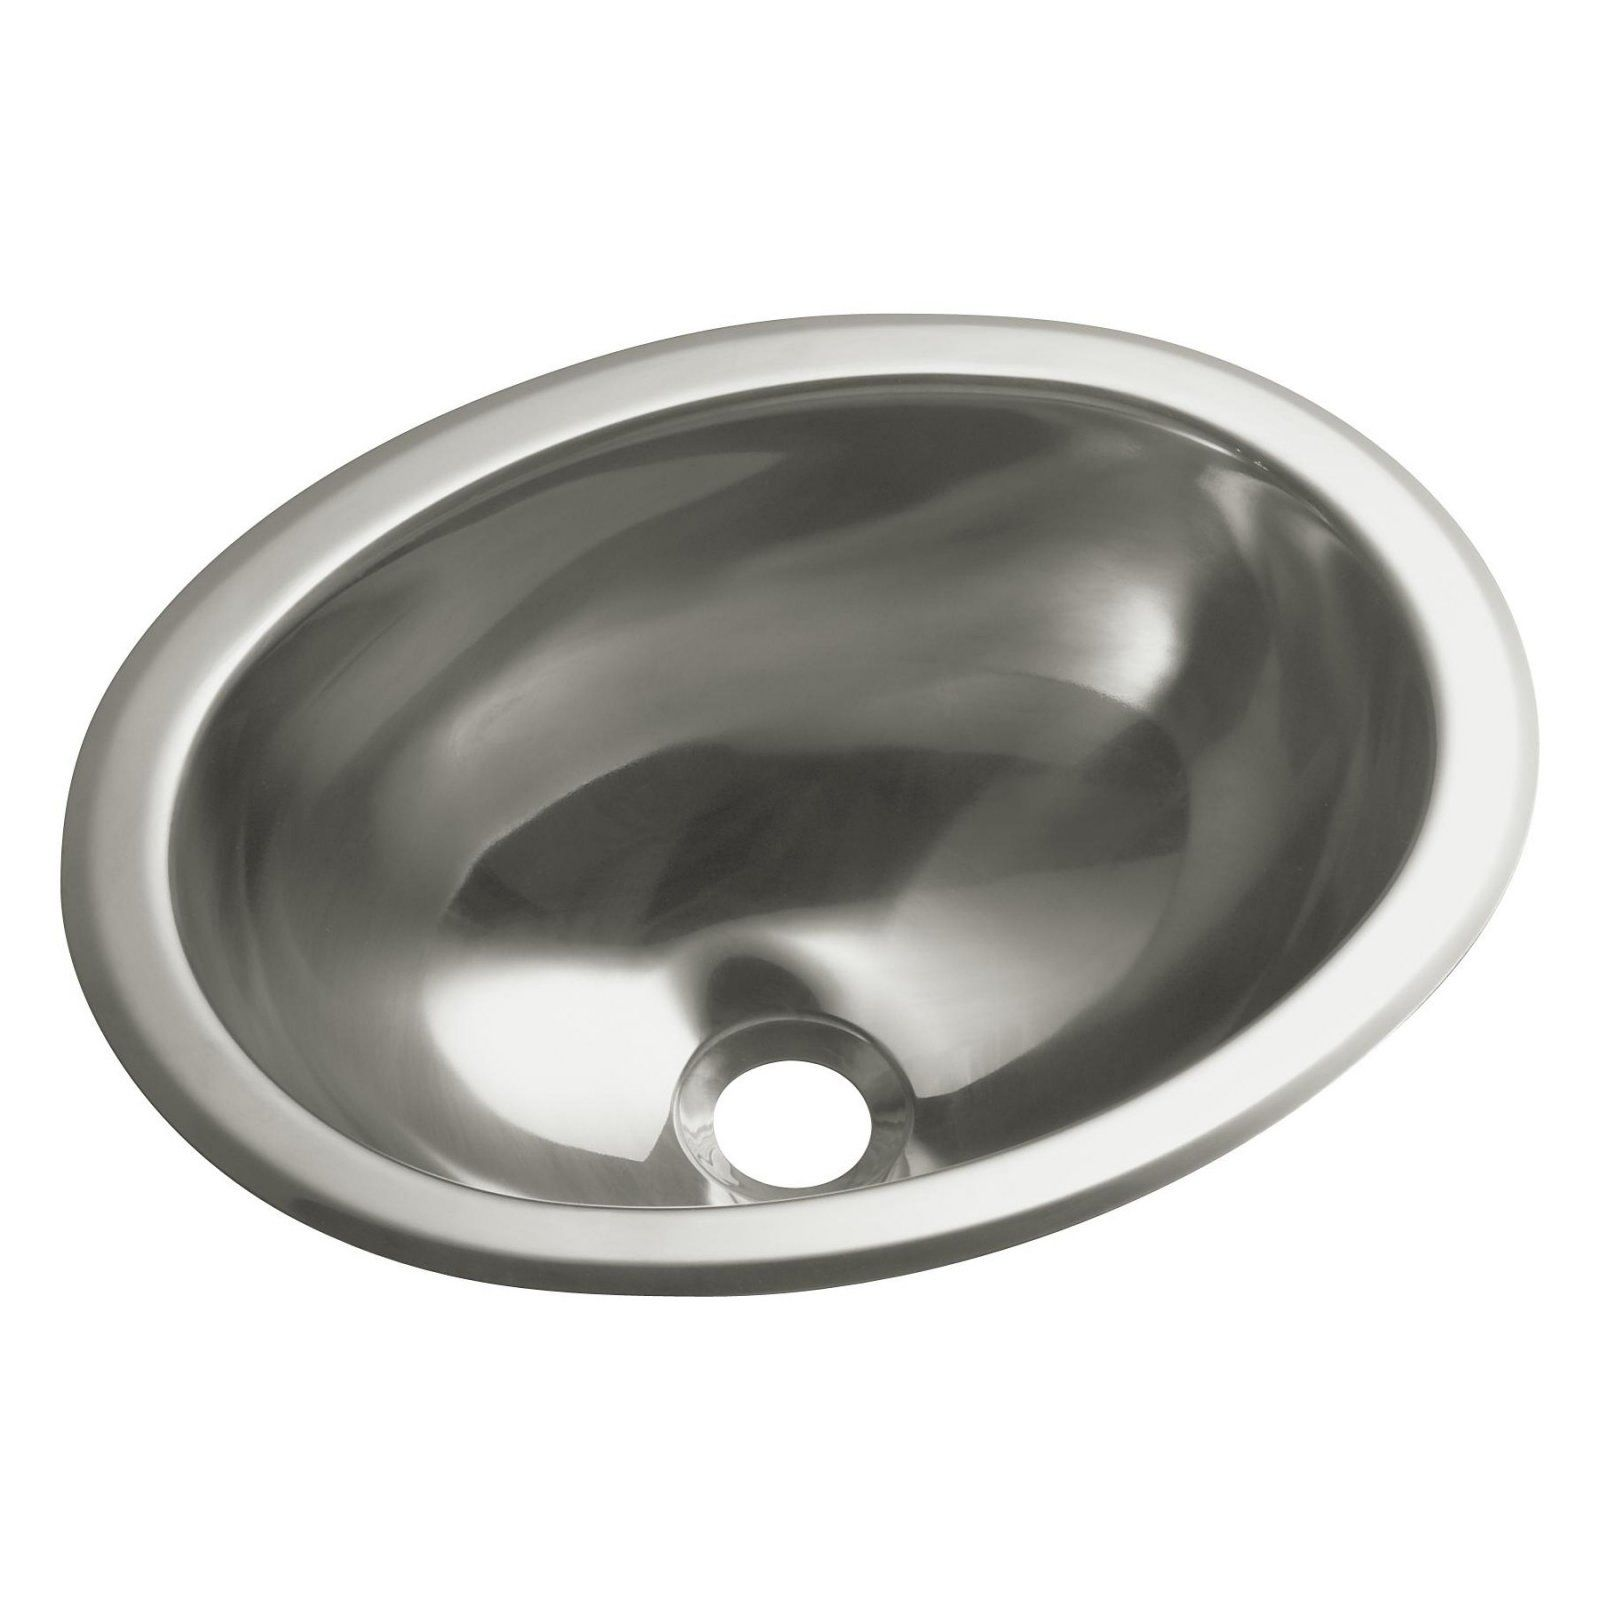 Sterling By Kohler 11811 Round Bathroom Sink Stainless Steel